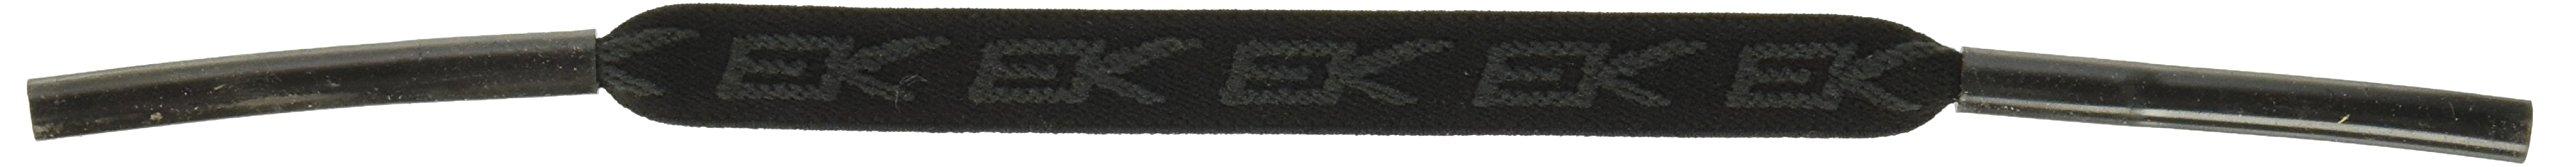 EK Ekcessories 10045C-E2 Black/Gray Sport Cat Eyewear Retainer by EK Ekcessories